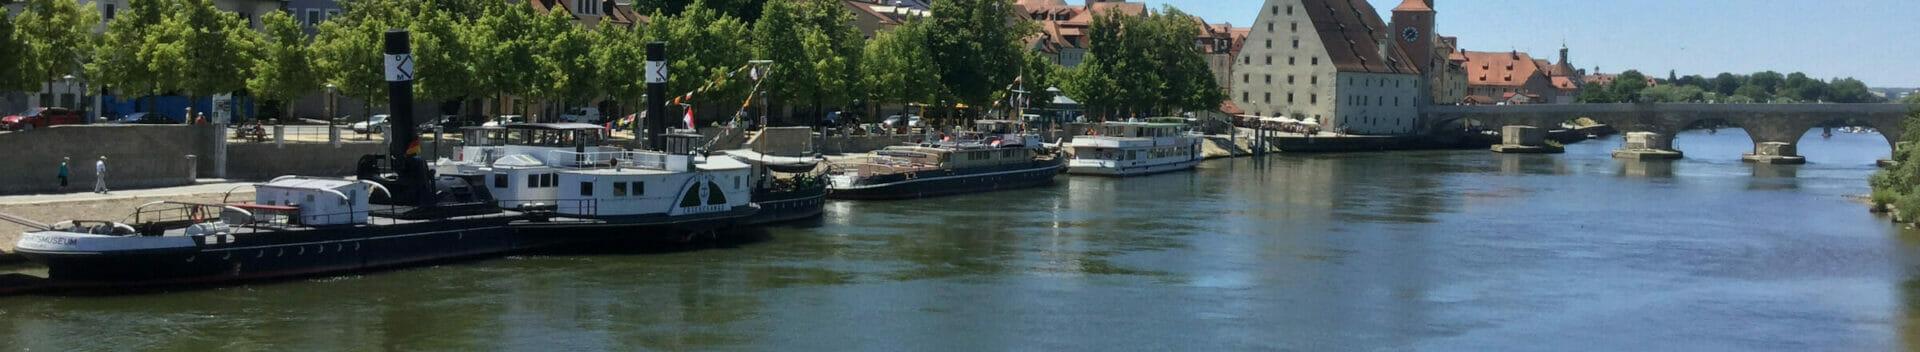 Regensburg - Steinerne Brücke am Donauradweg